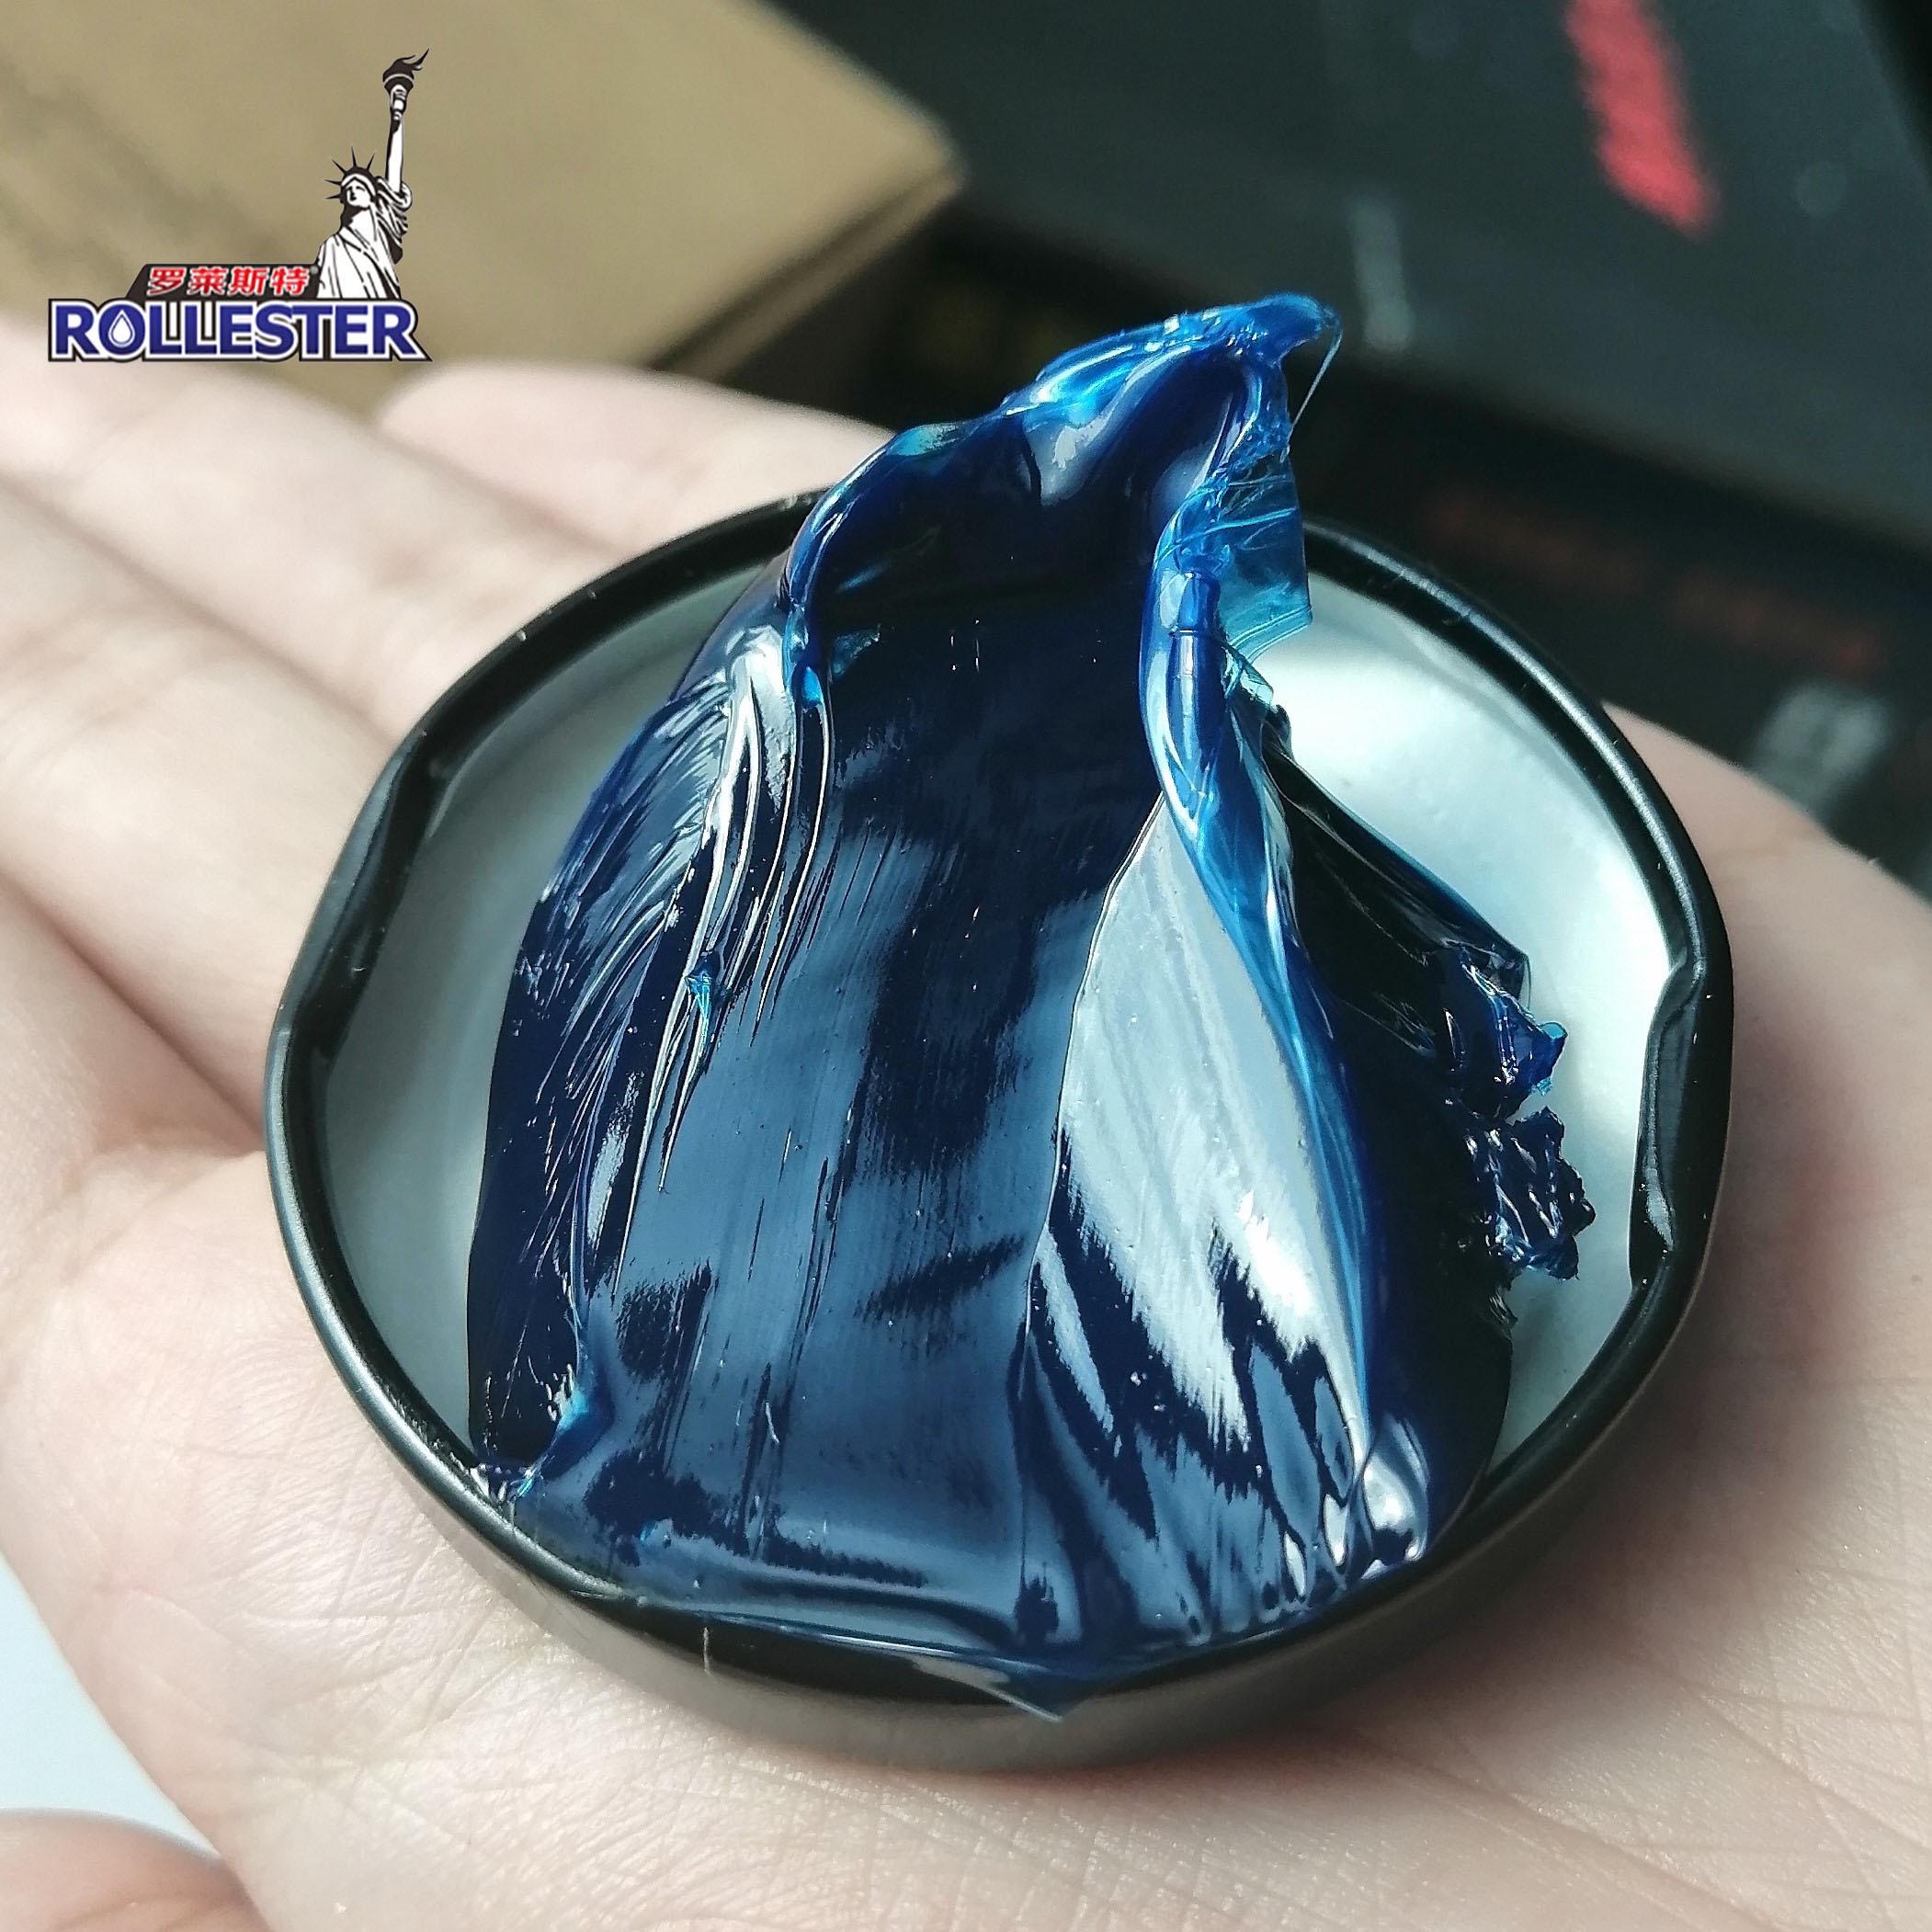 حار بيع ممتازة موبيل جودة عالية رتبة الأزرق اللون زيوت التشحيم HT قطرة نقطة 380 درجة عالية درجة الحرارة الشحوم